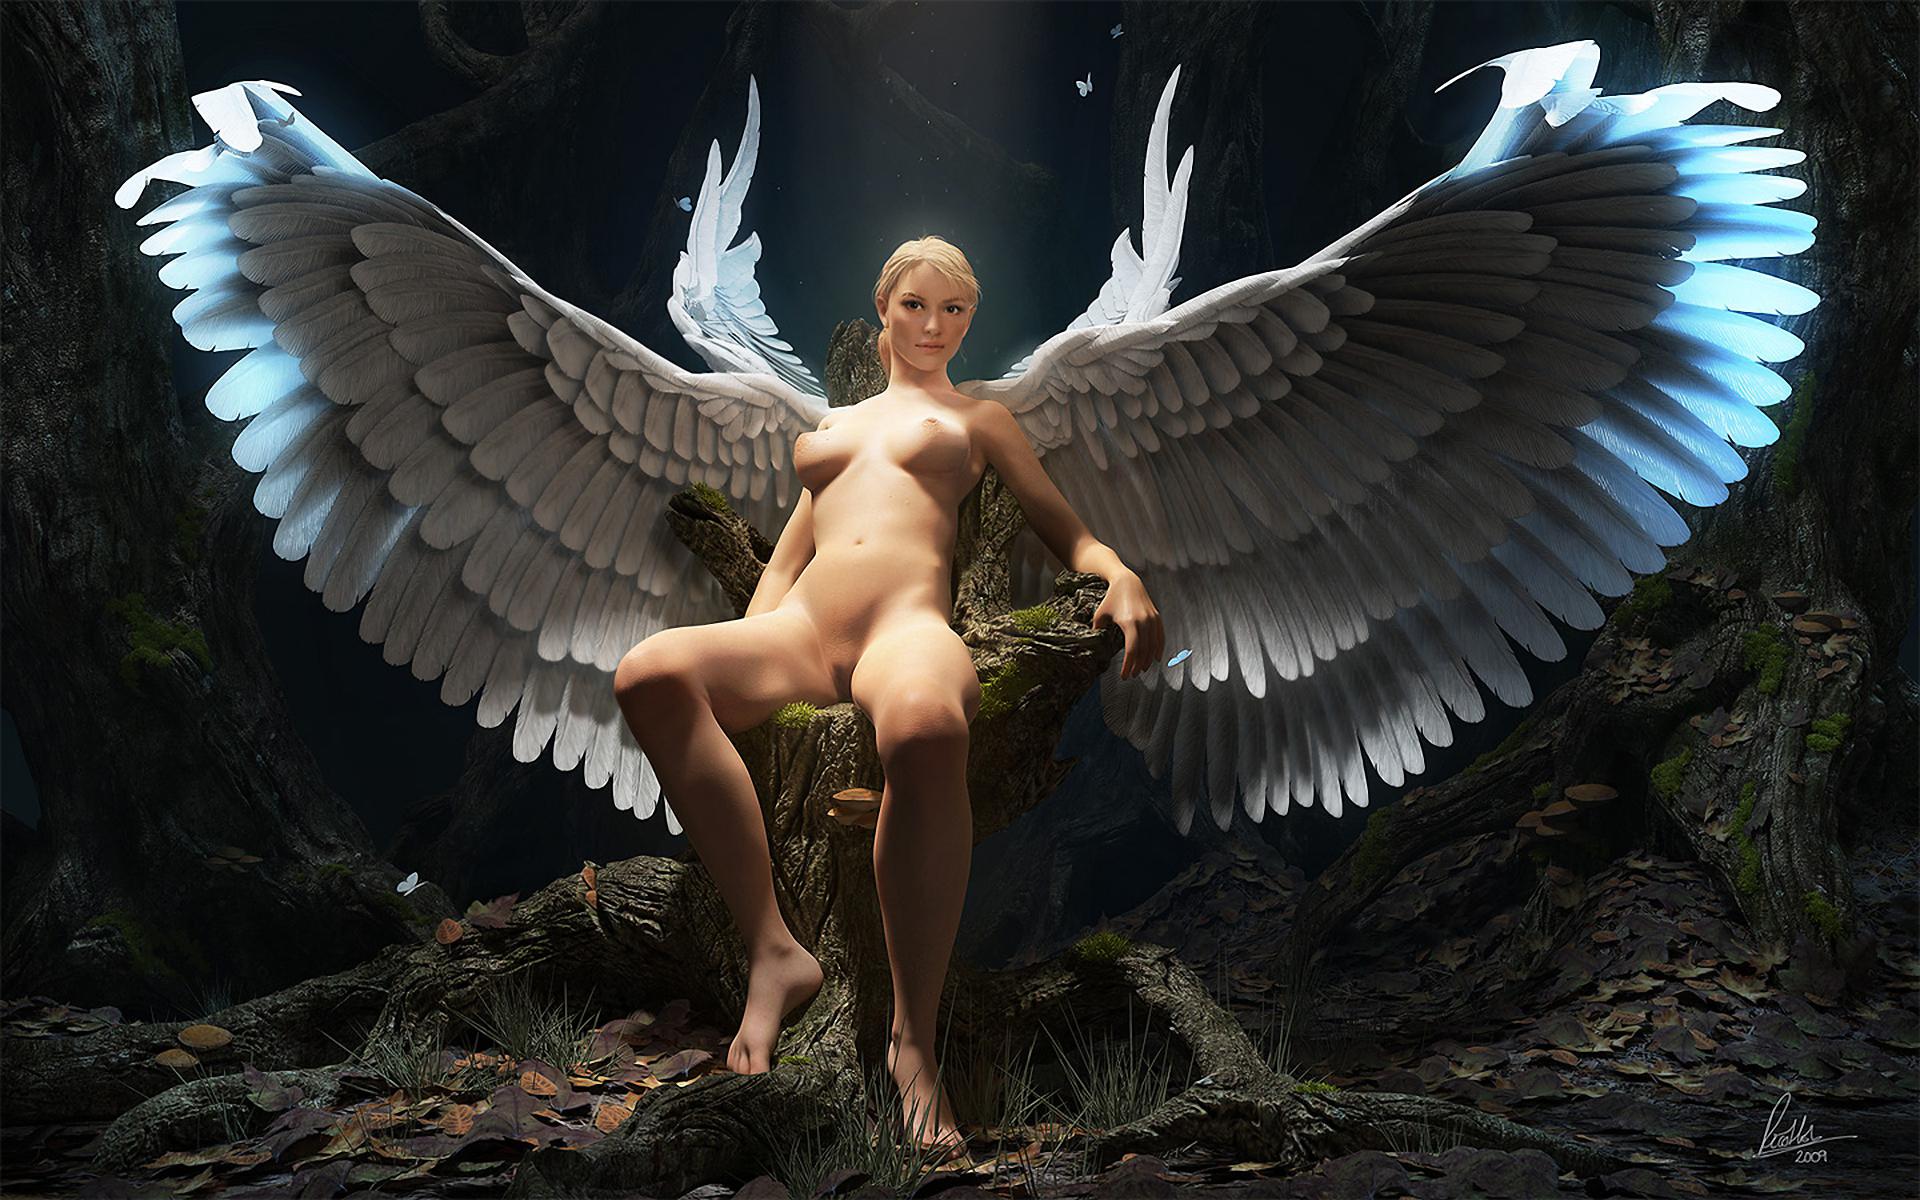 фотографии эротические девушки в виде ангелов предстояло прпустить через